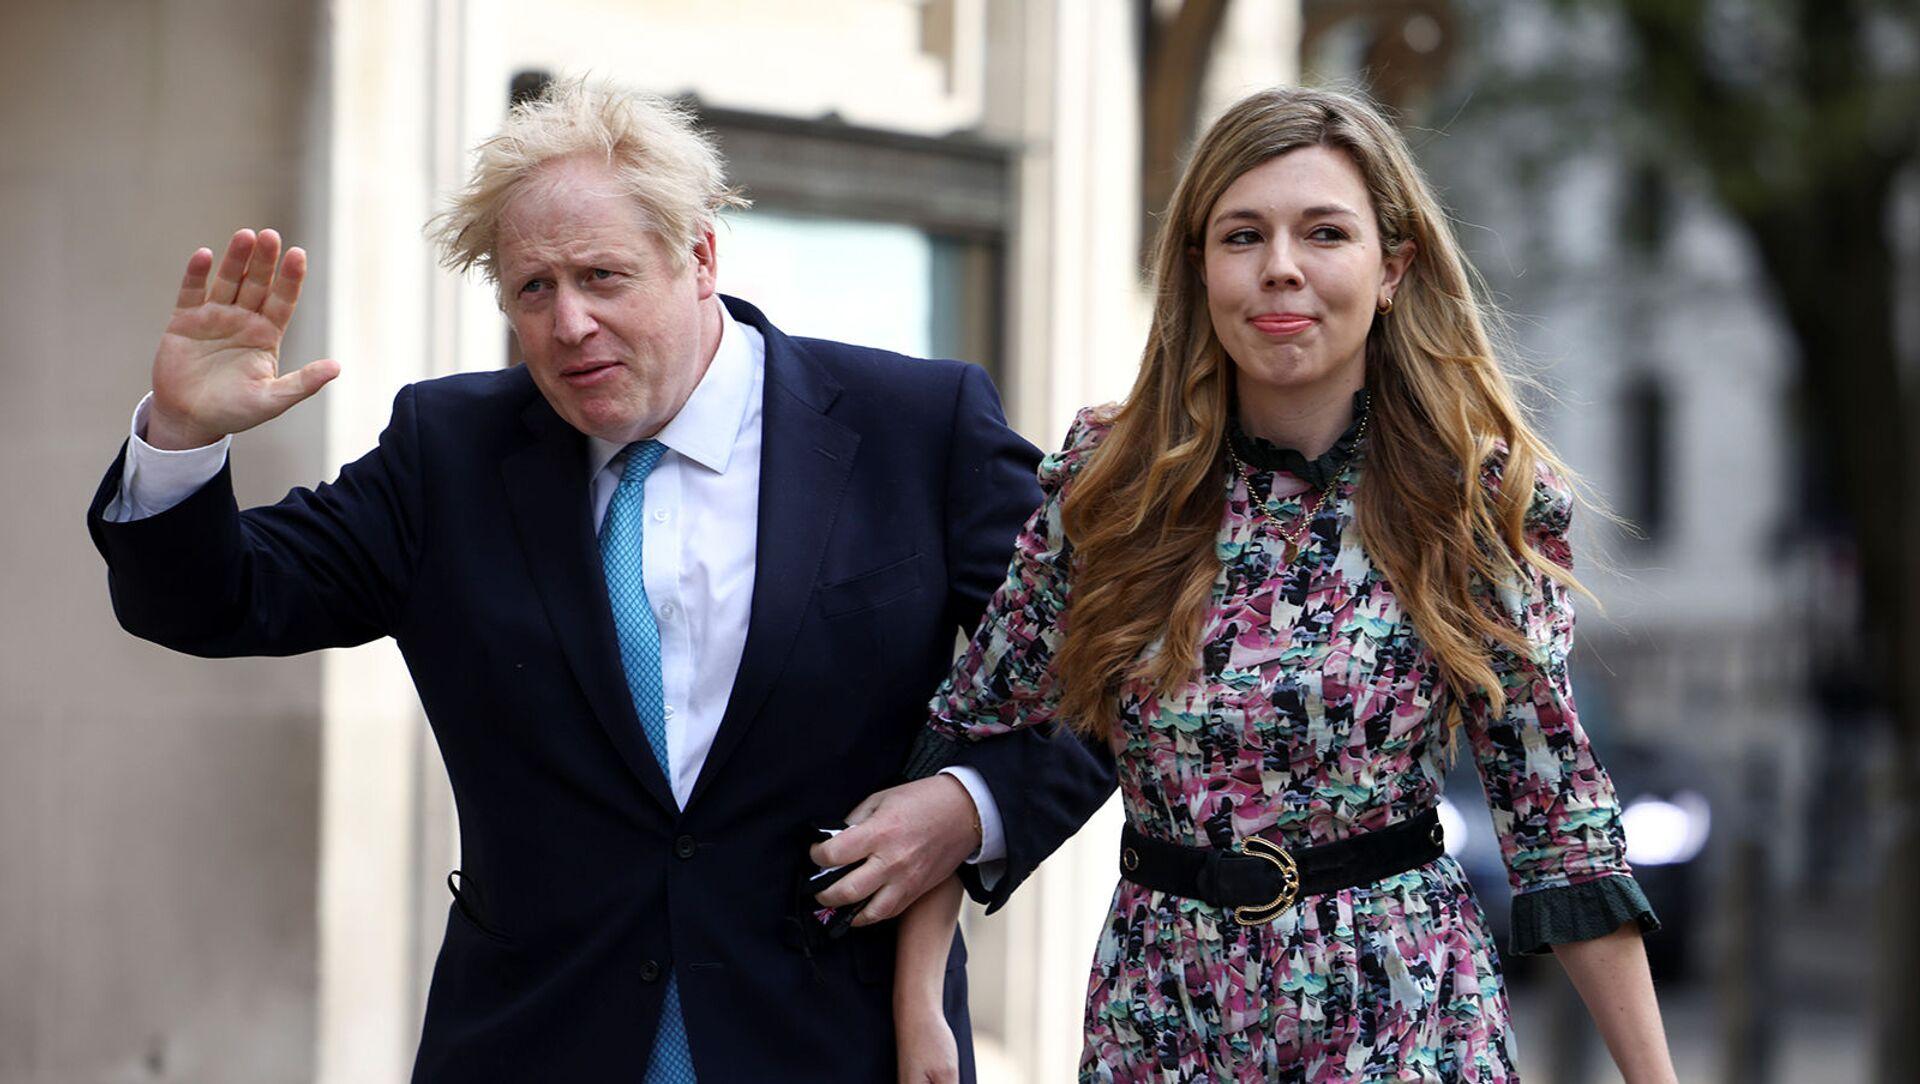 Премьер-министр Великобритании Борис Джонсон и Кэрри Саймондс прибывают на избирательный участок в Вестминстере  - Sputnik Армения, 1920, 30.05.2021